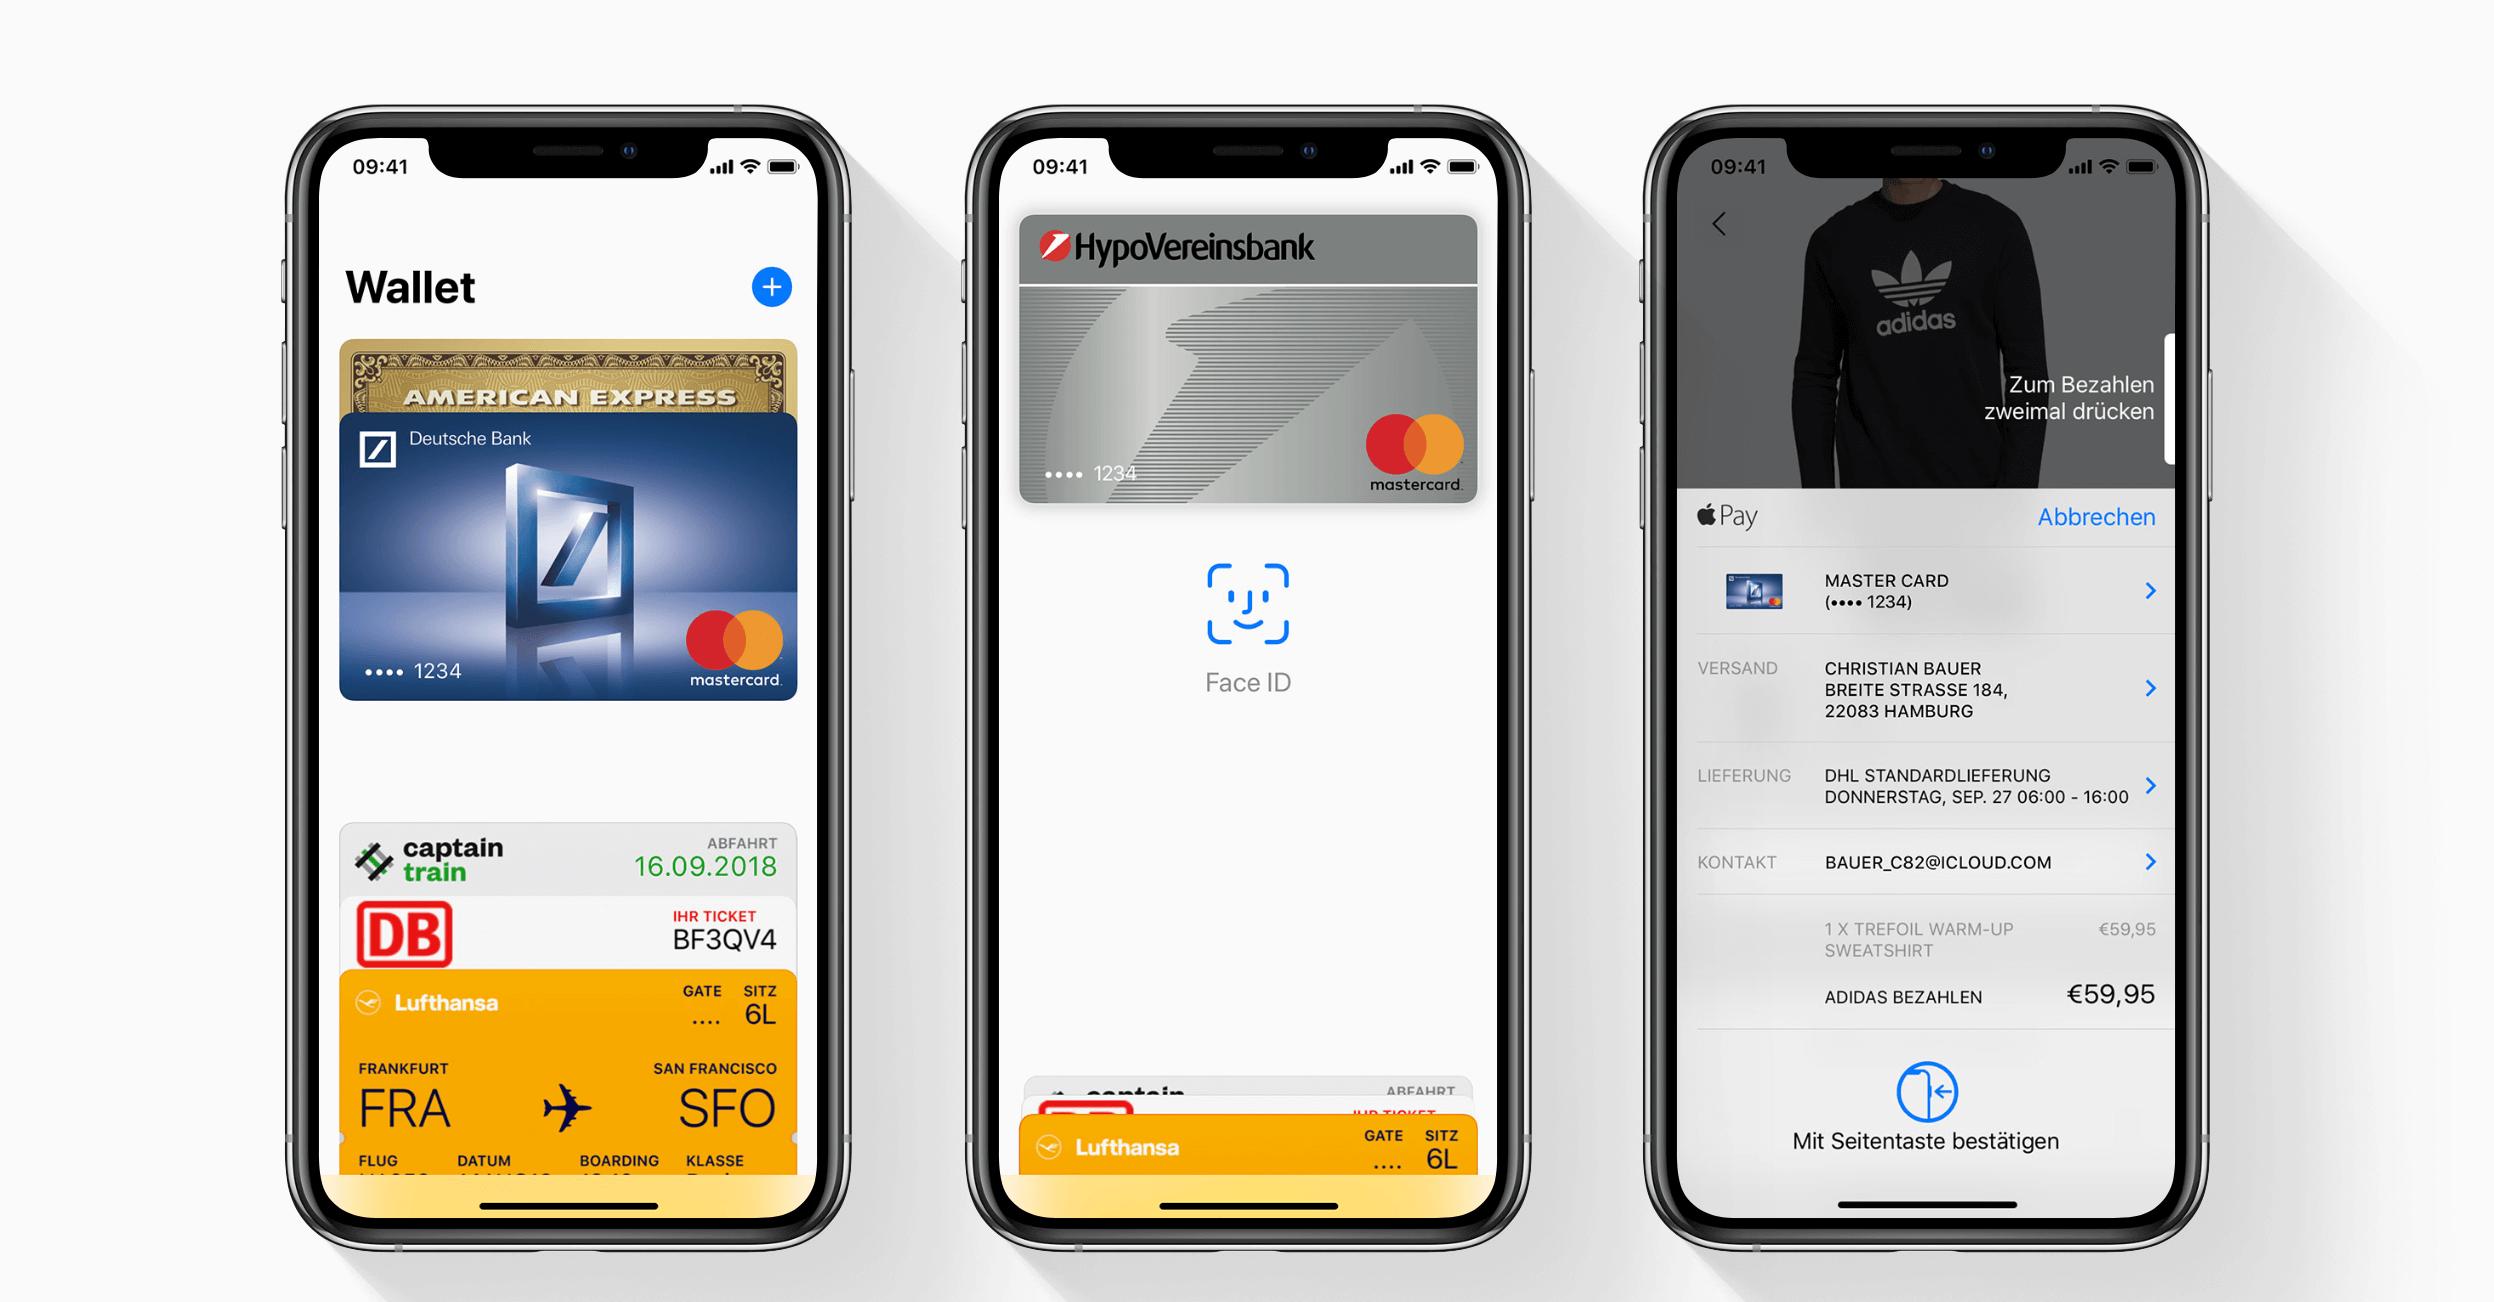 Apple Pay ist jetzt auch bei der Netbank verfügbar